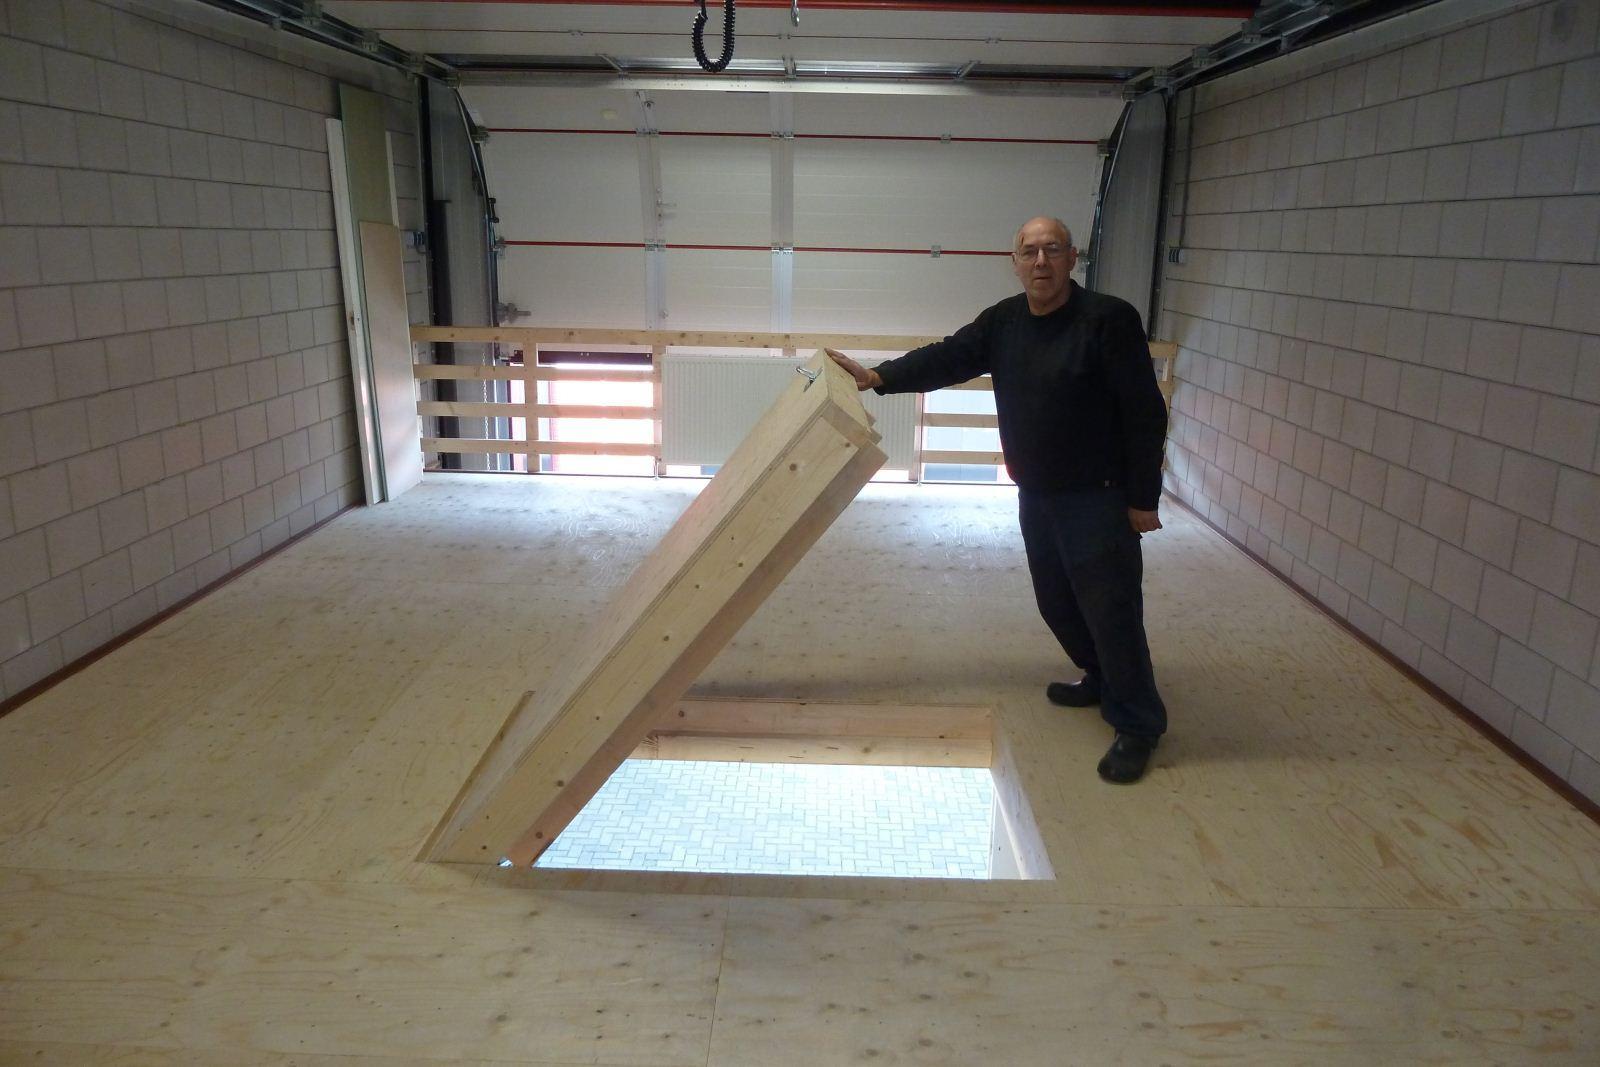 Zolderluik maken zolderluik maken balustrade voor om het for Trapgat maken